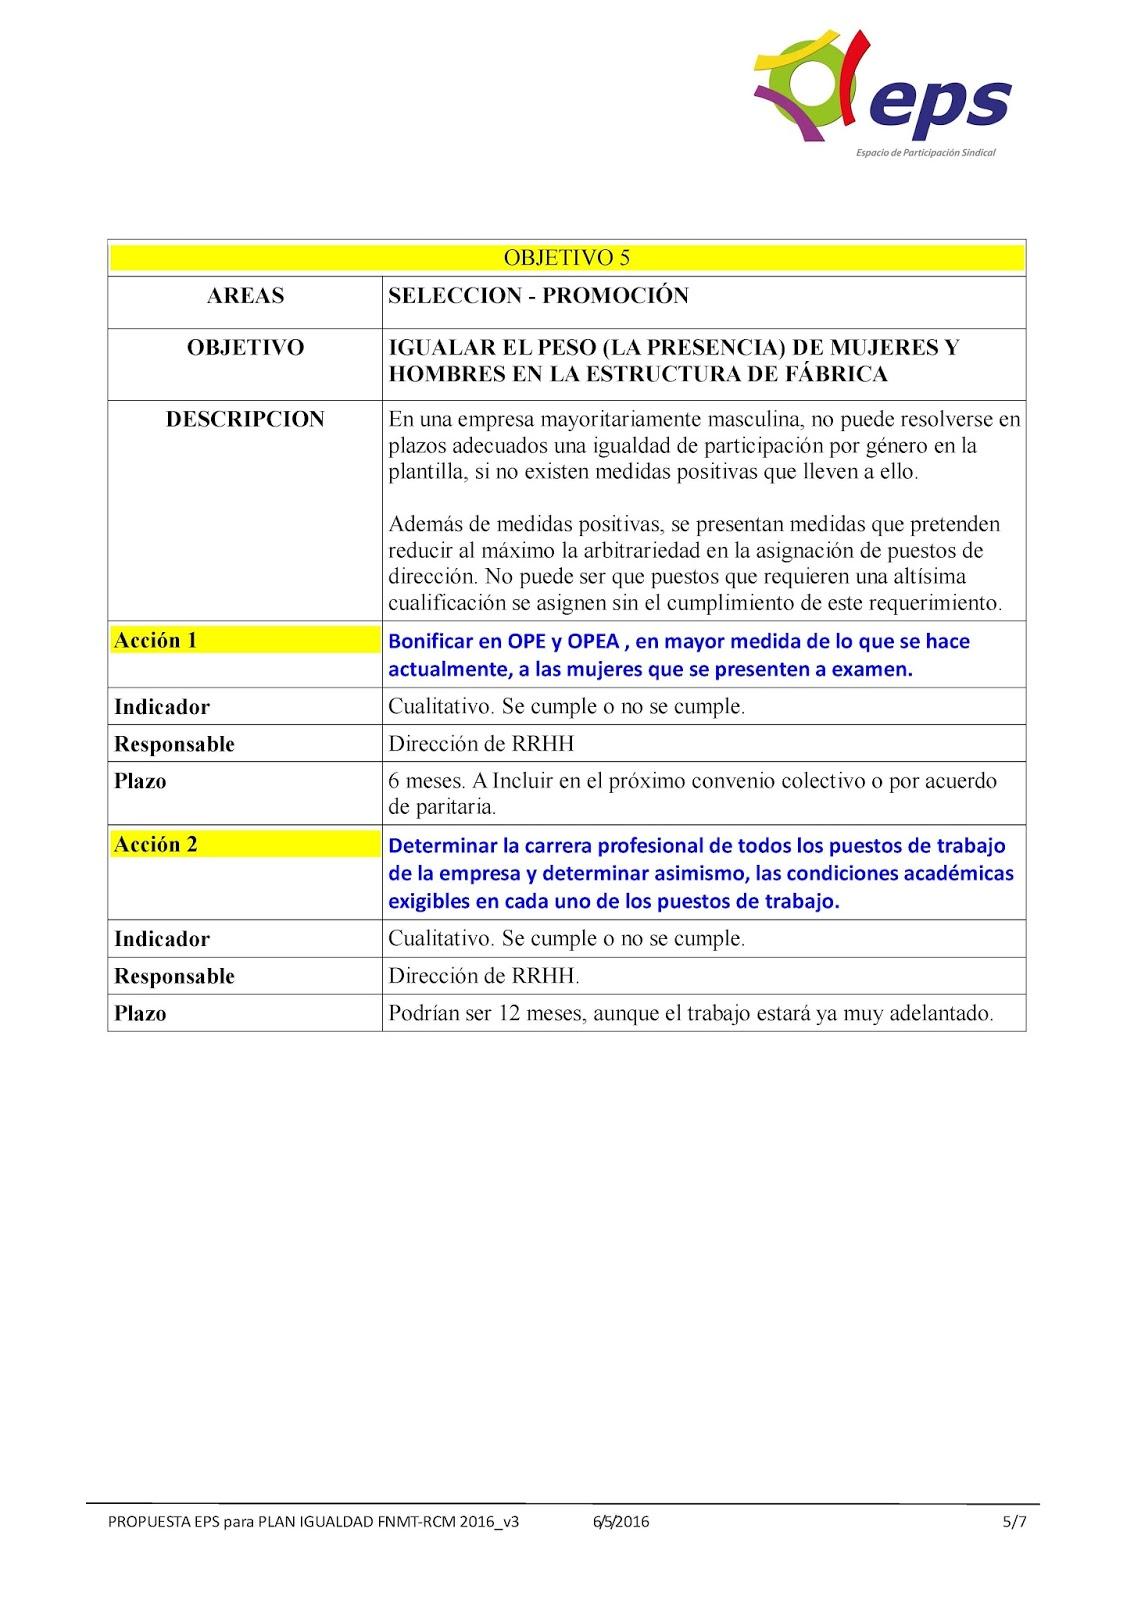 Espacio de Participación Sindical: Propuesta para incluir en la ...